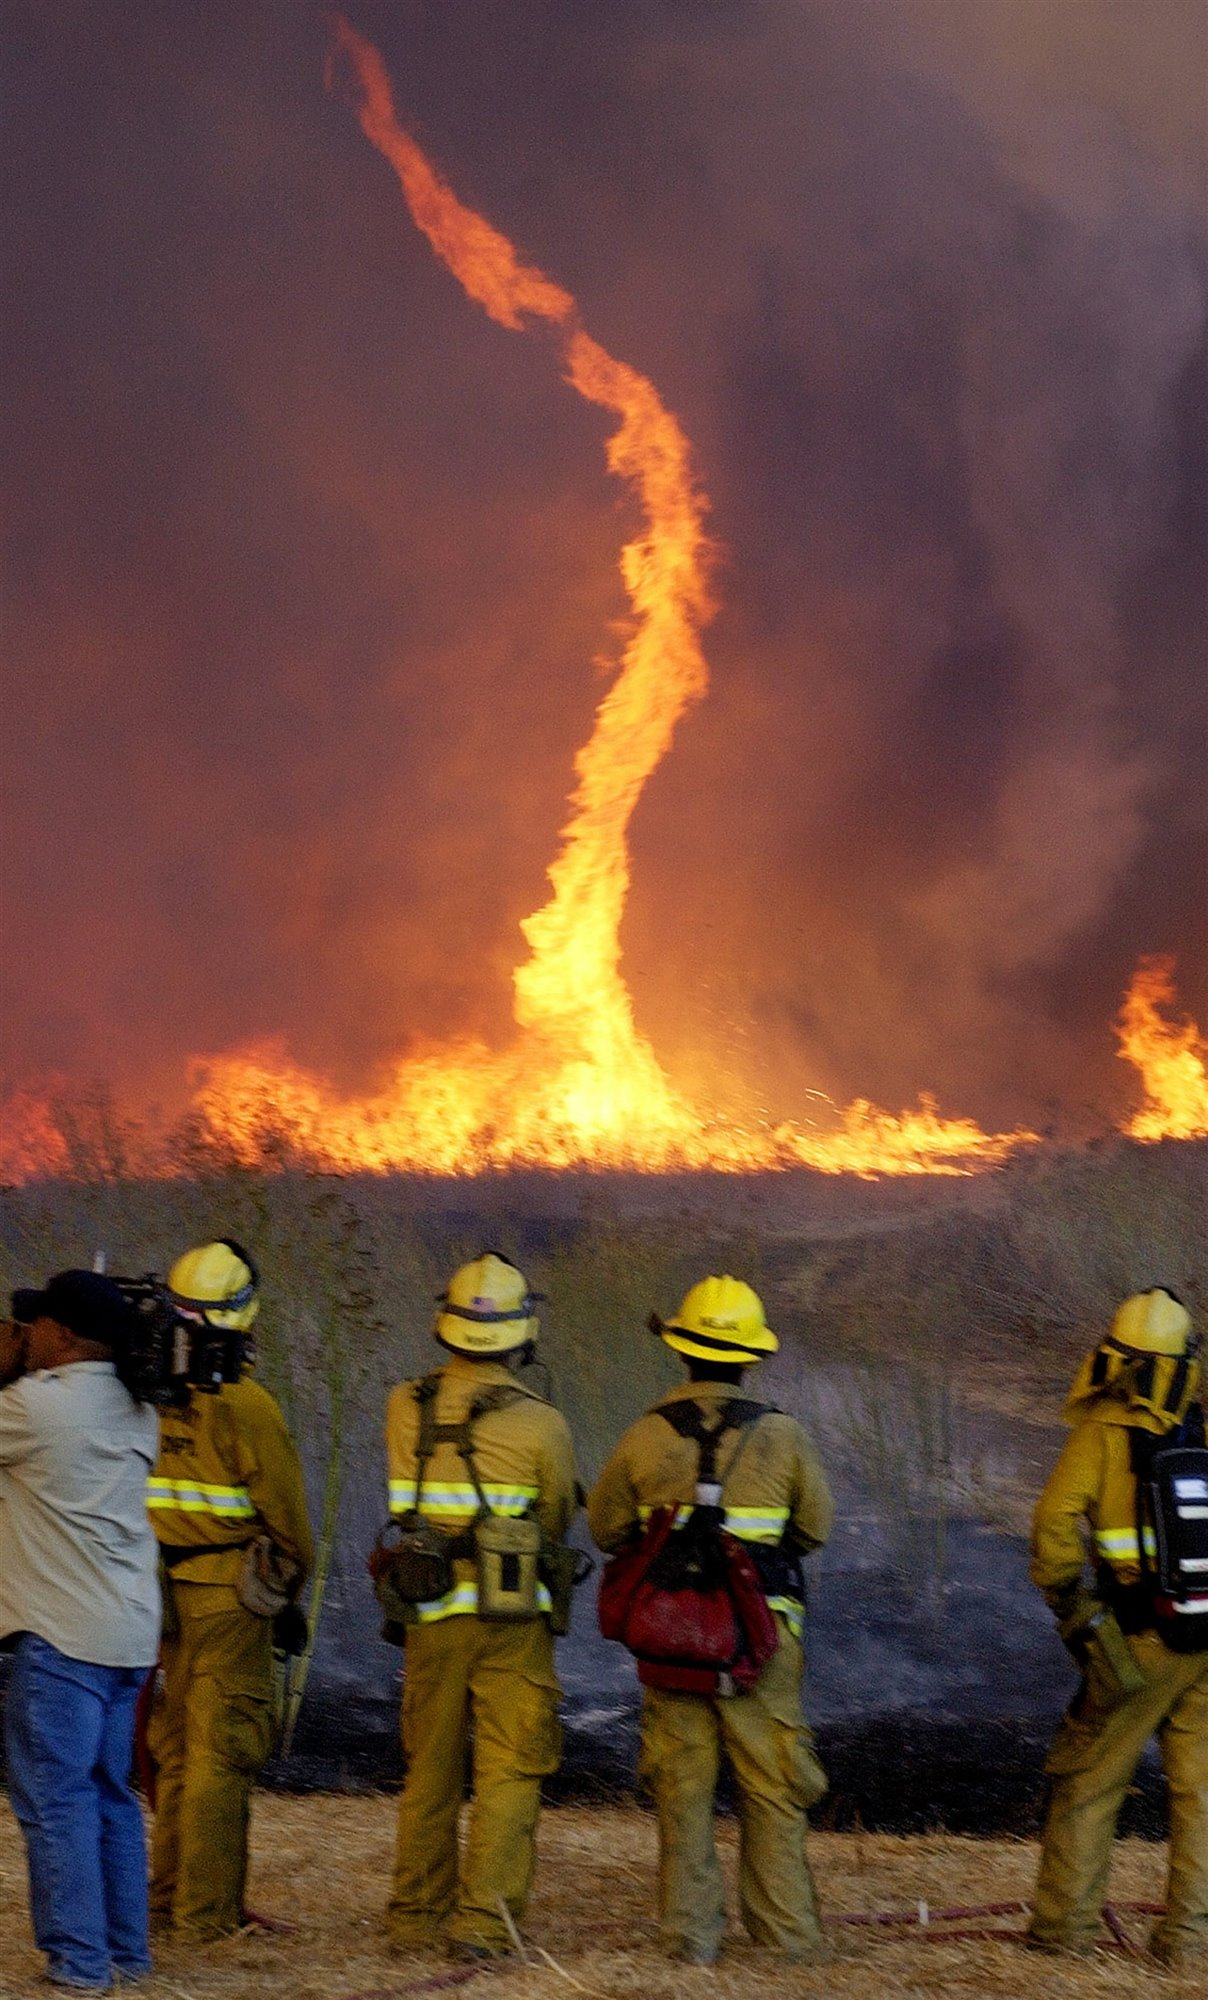 Incendios más virulentos y tornados de fuego